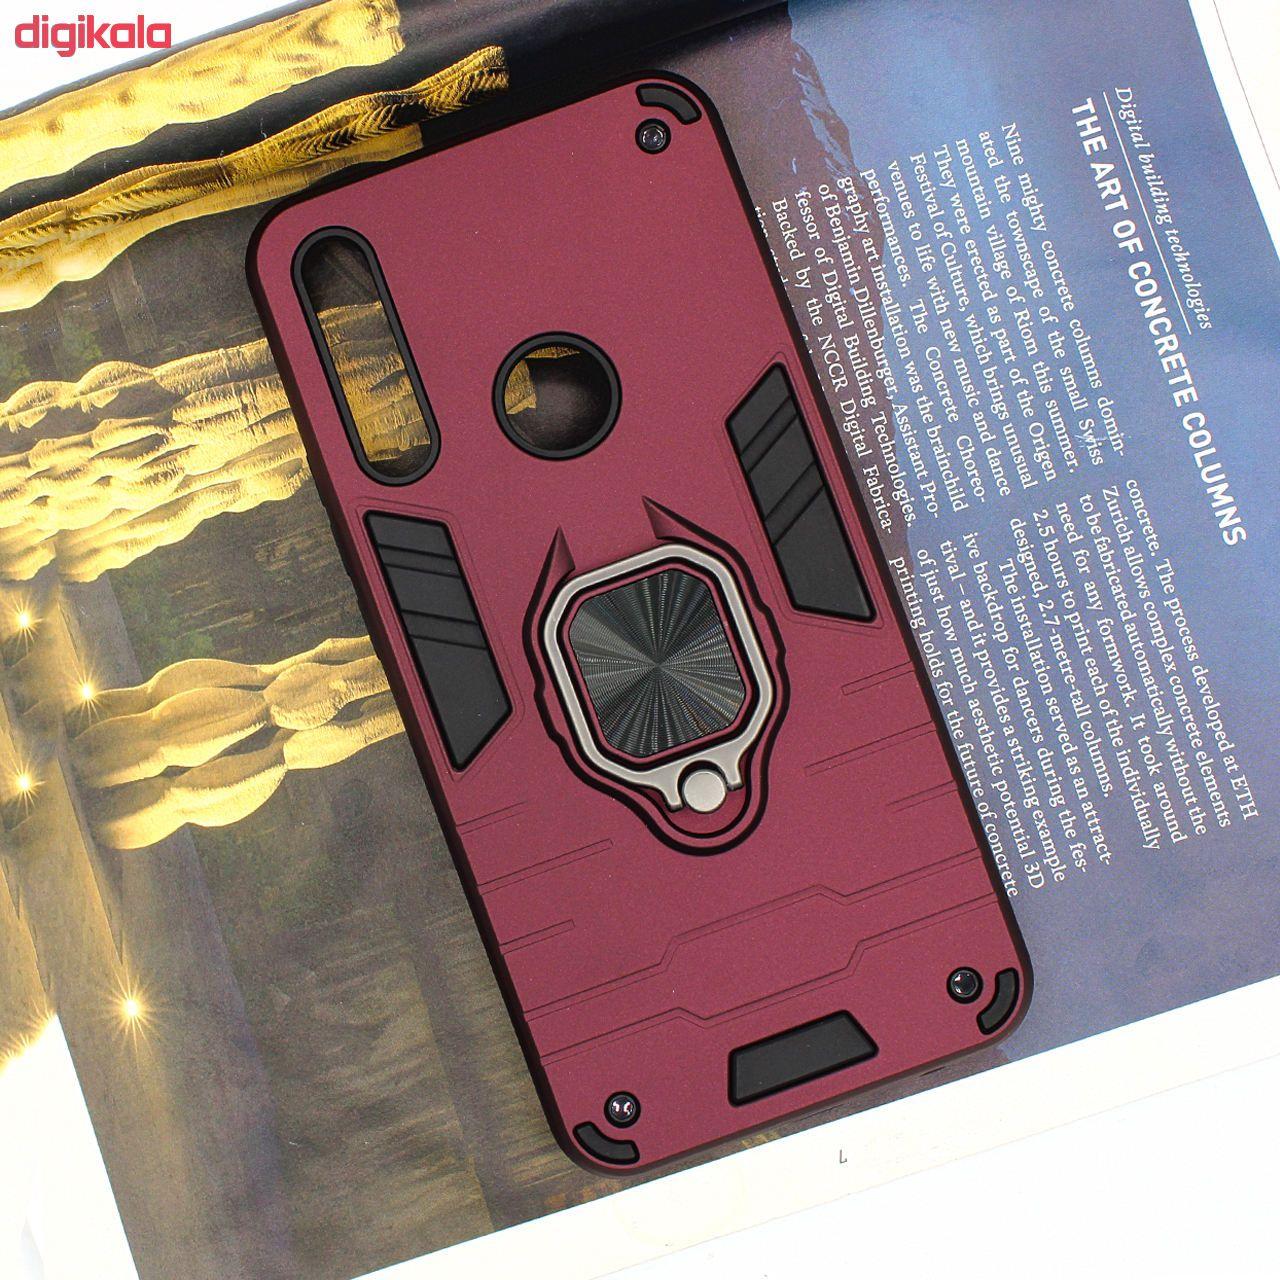 کاور کینگ پاور مدل ASH22 مناسب برای گوشی موبایل هوآوی P30 Lite main 1 11